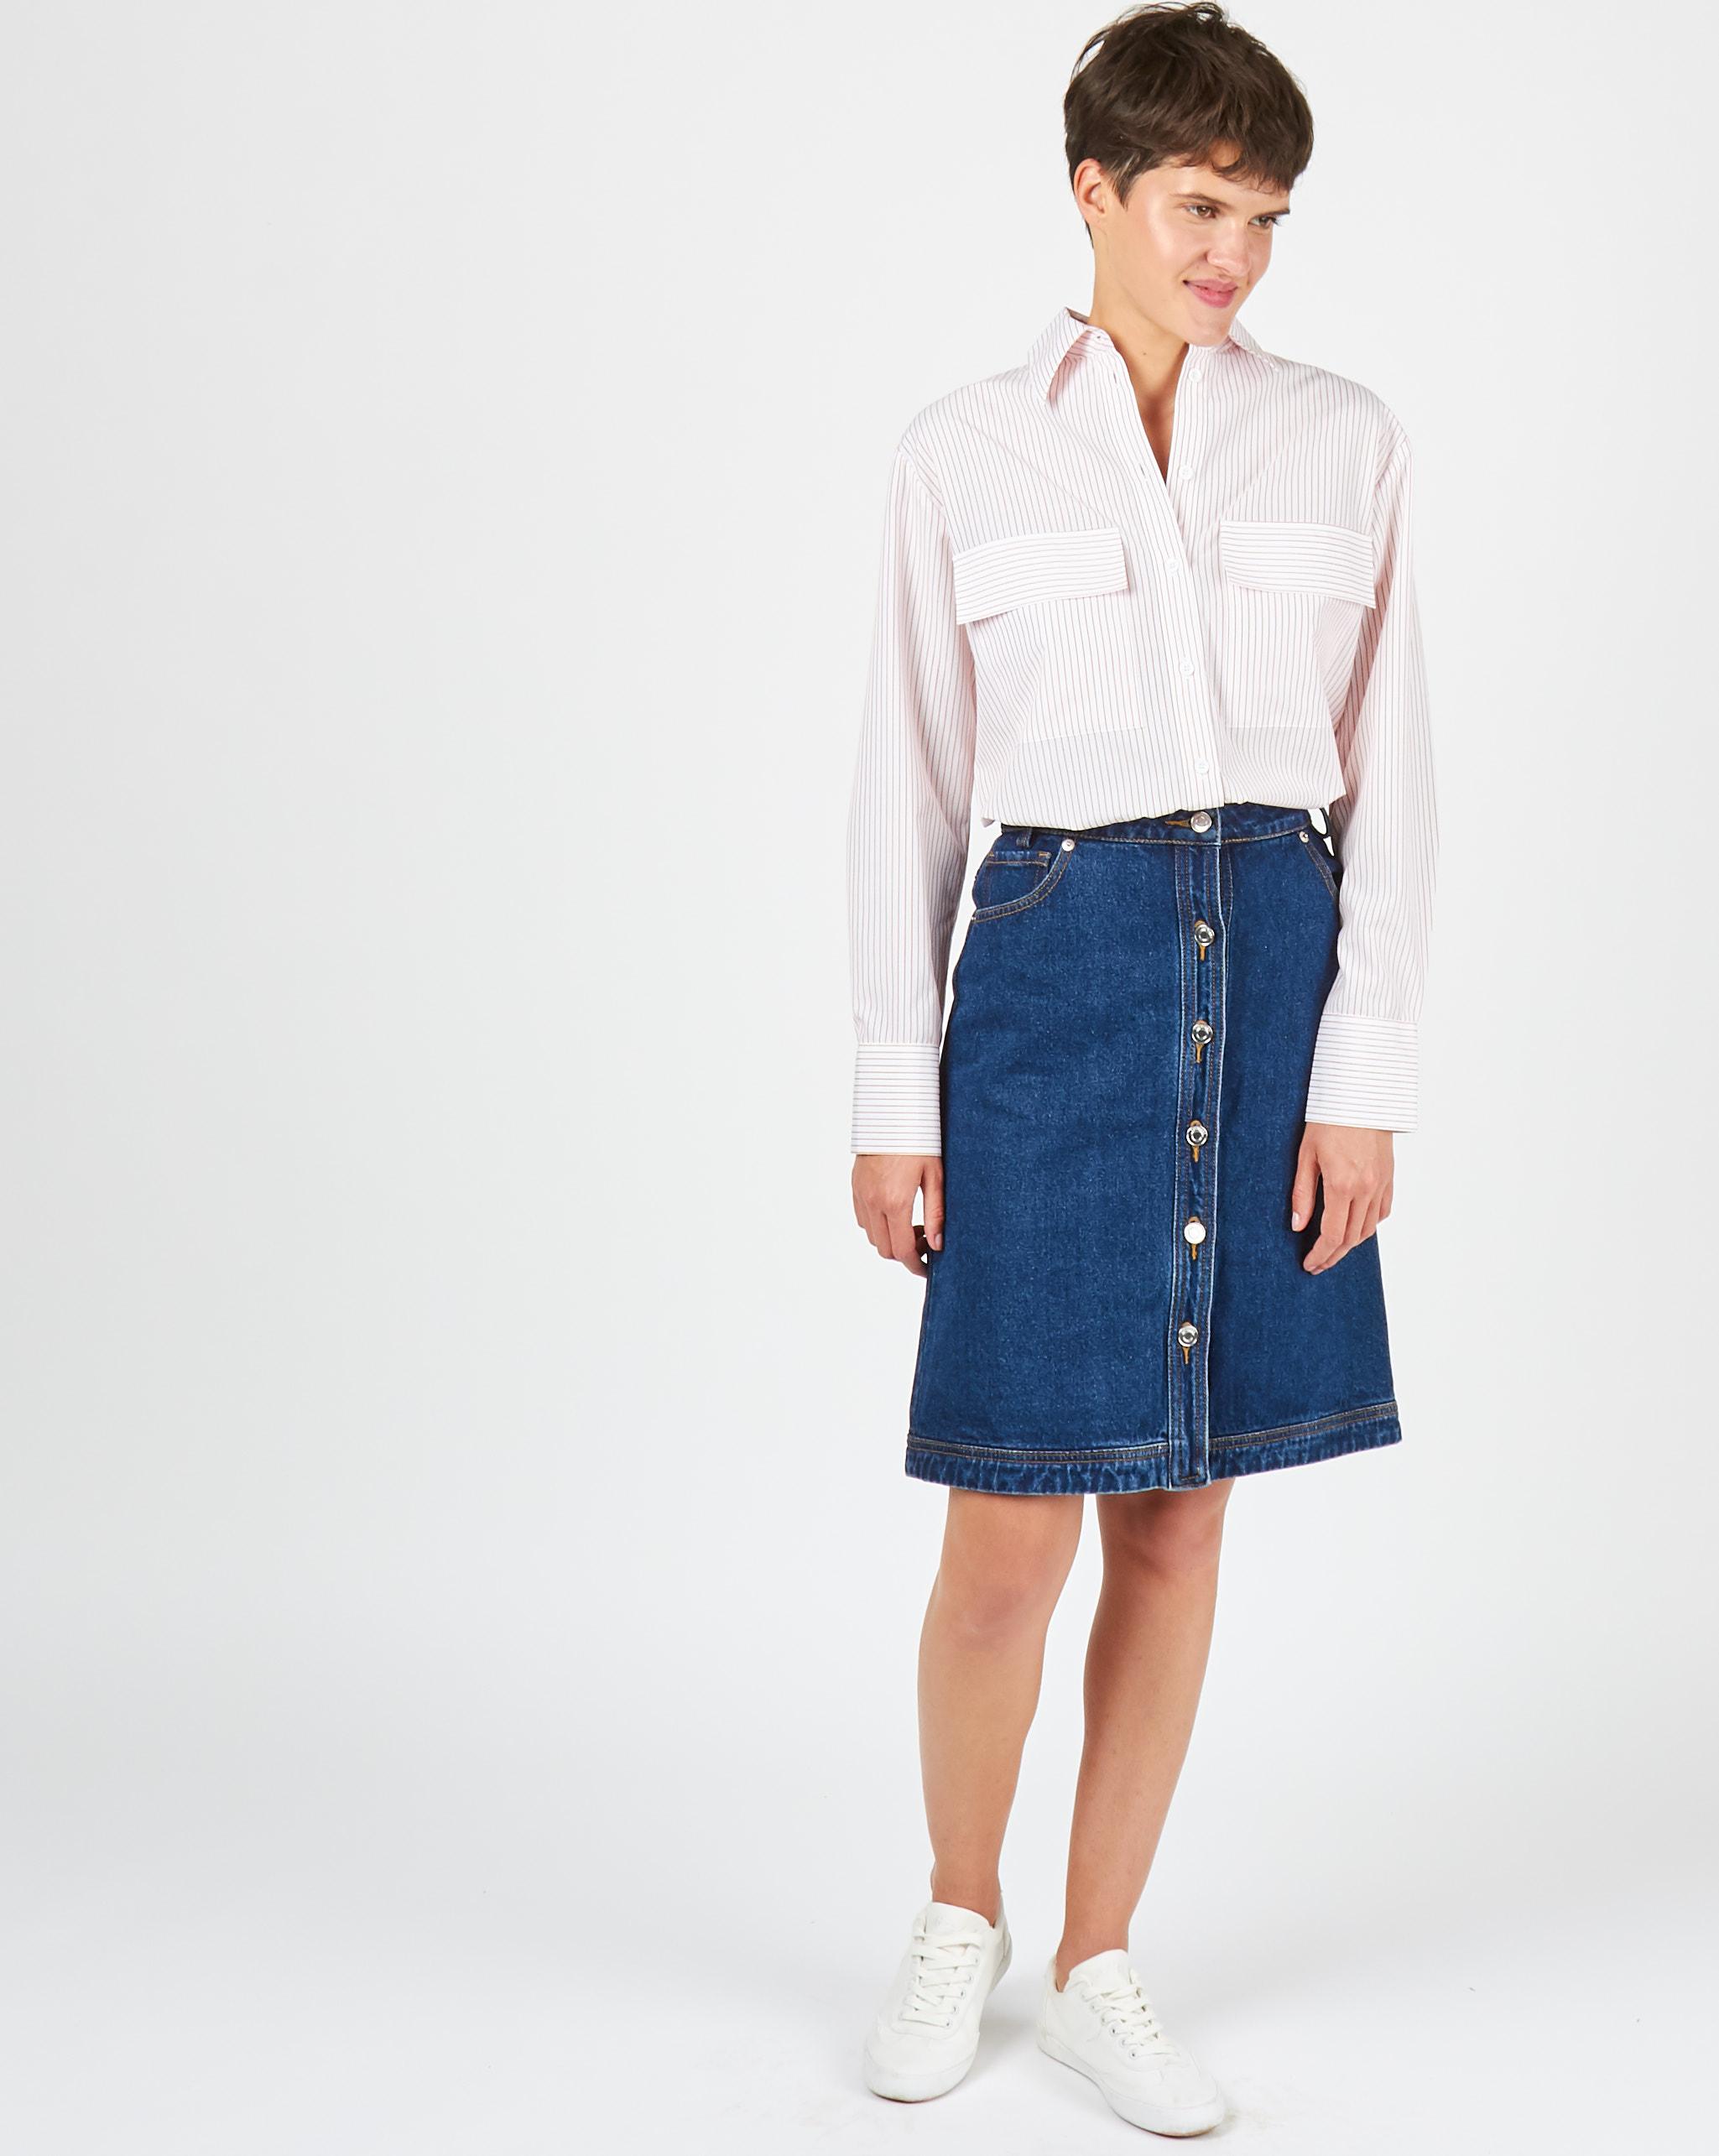 12Storeez Рубашка с погонами в полоску (белый/рыжий)